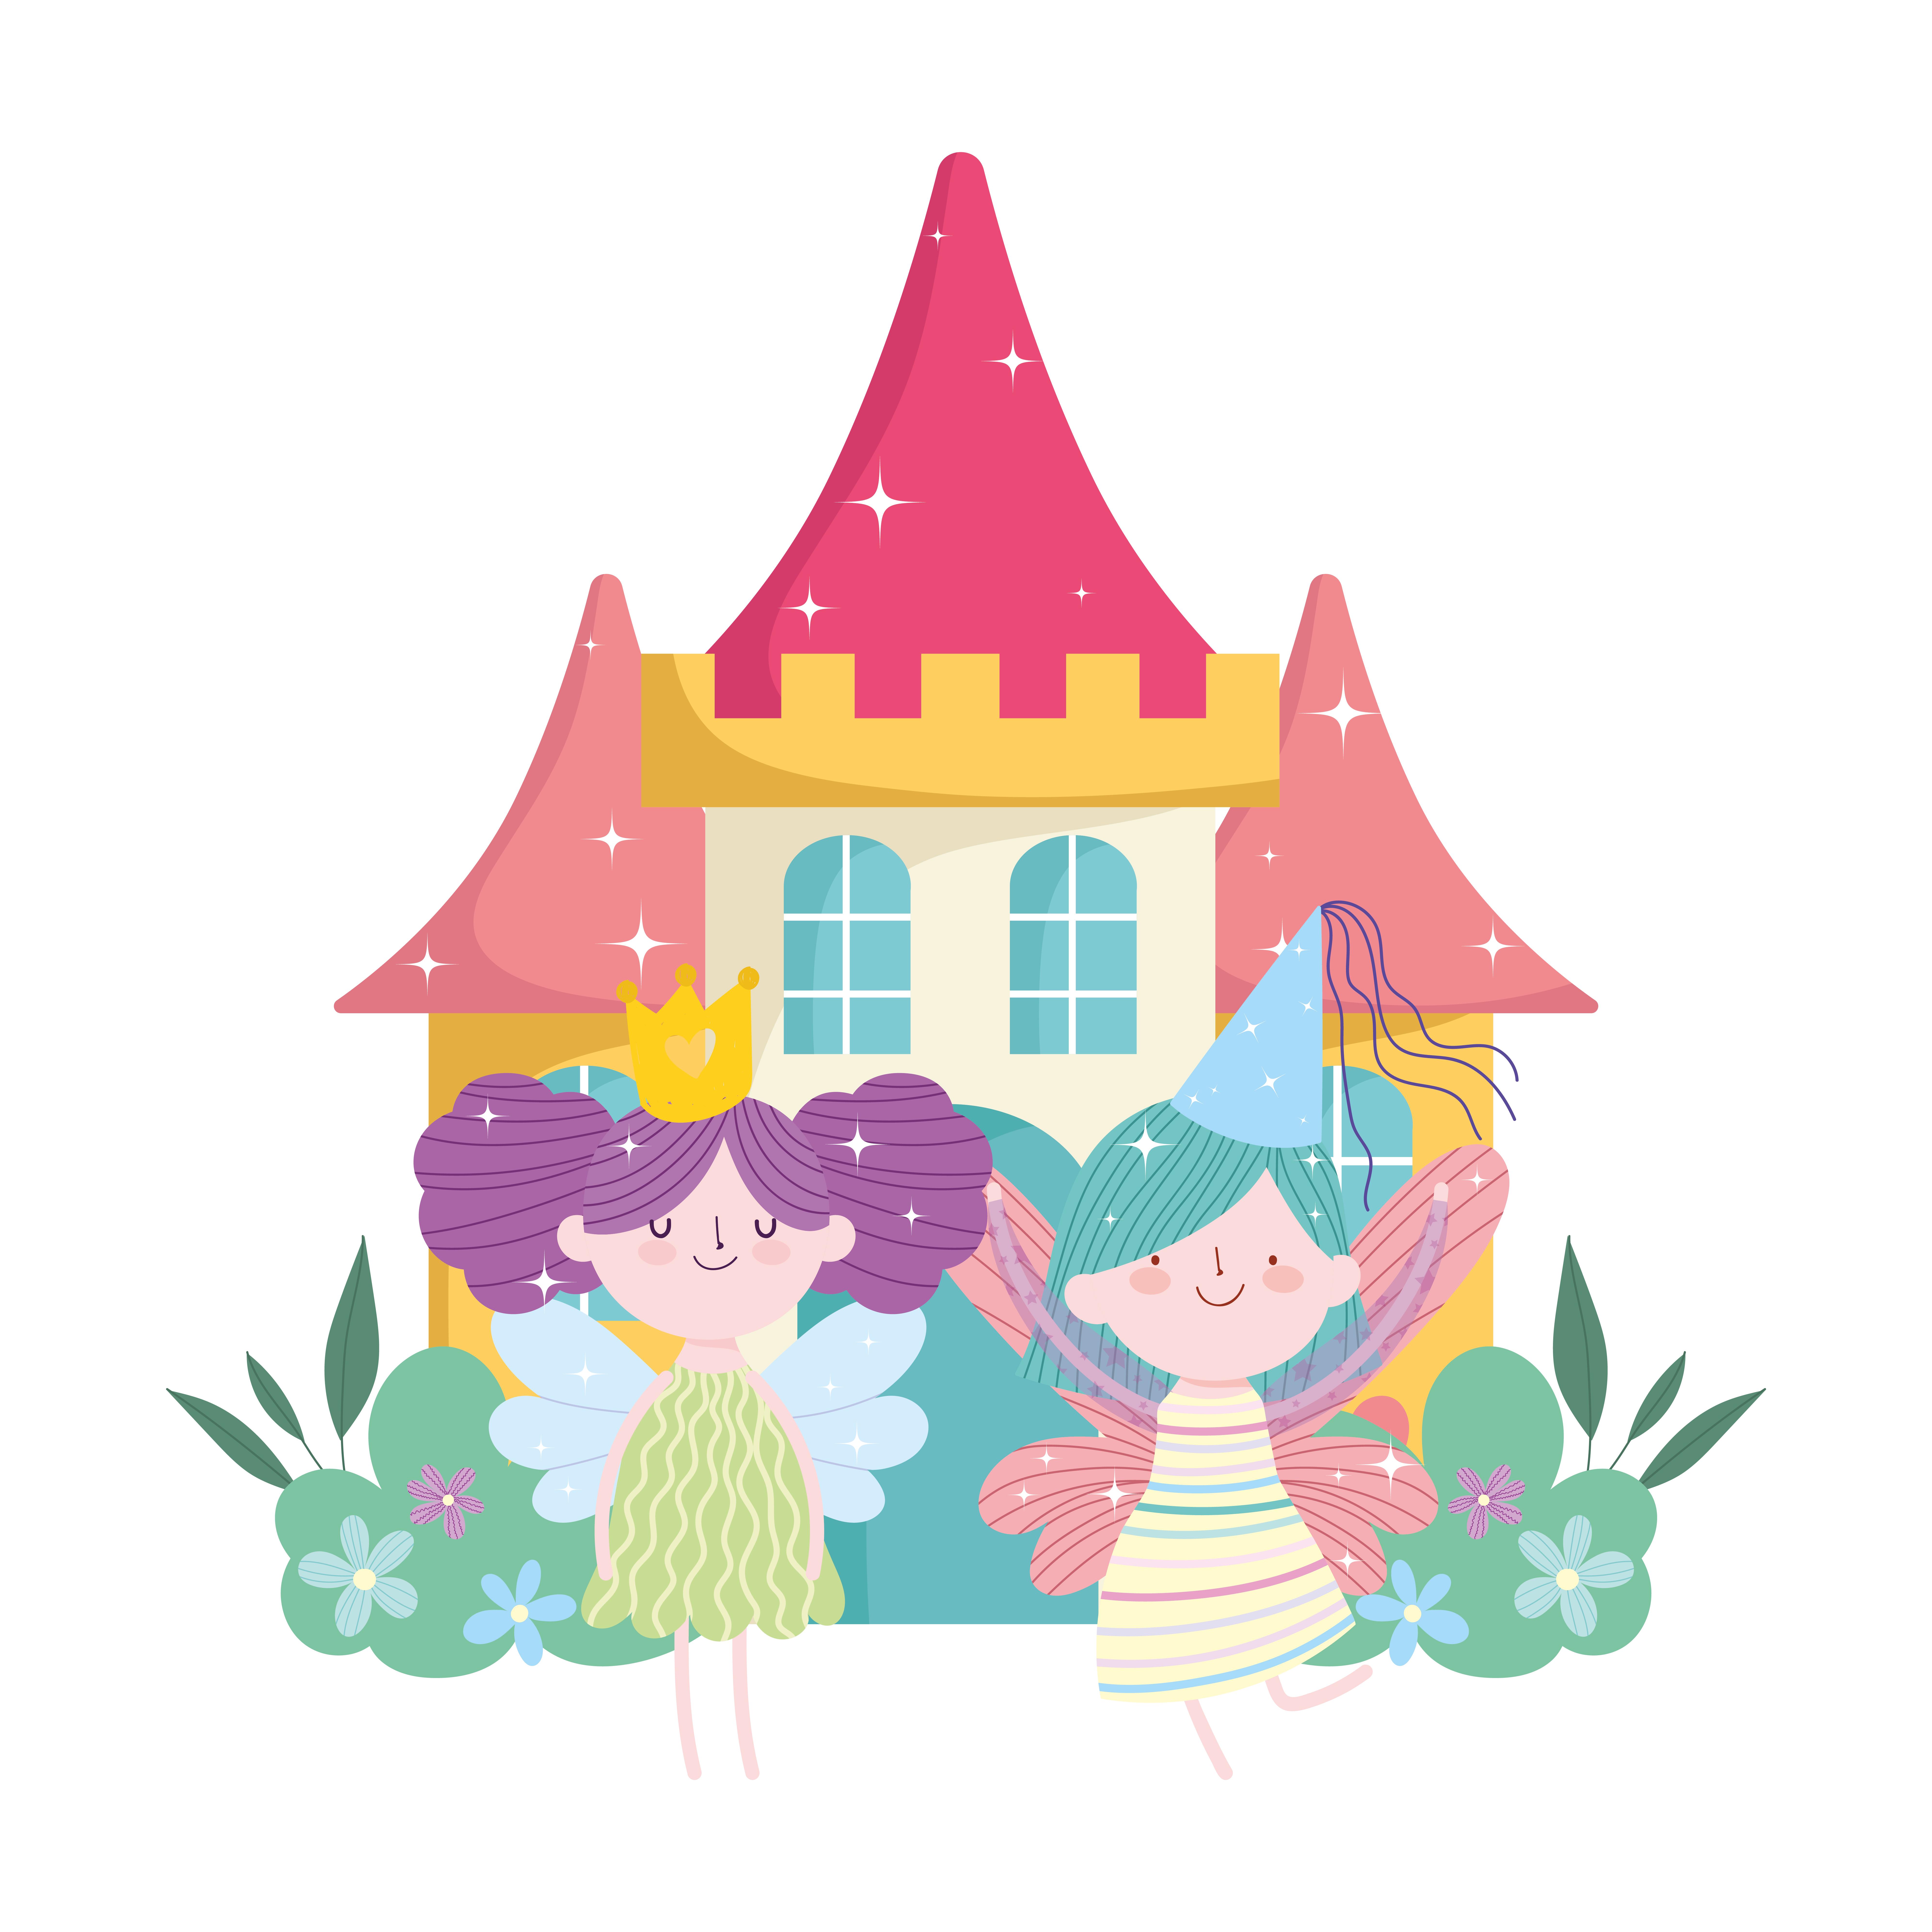 Petite Fee Princesse Avec Ailes Dessin Anime De Conte De Chateau Couronne Telecharger Vectoriel Gratuit Clipart Graphique Vecteur Dessins Et Pictogramme Gratuit